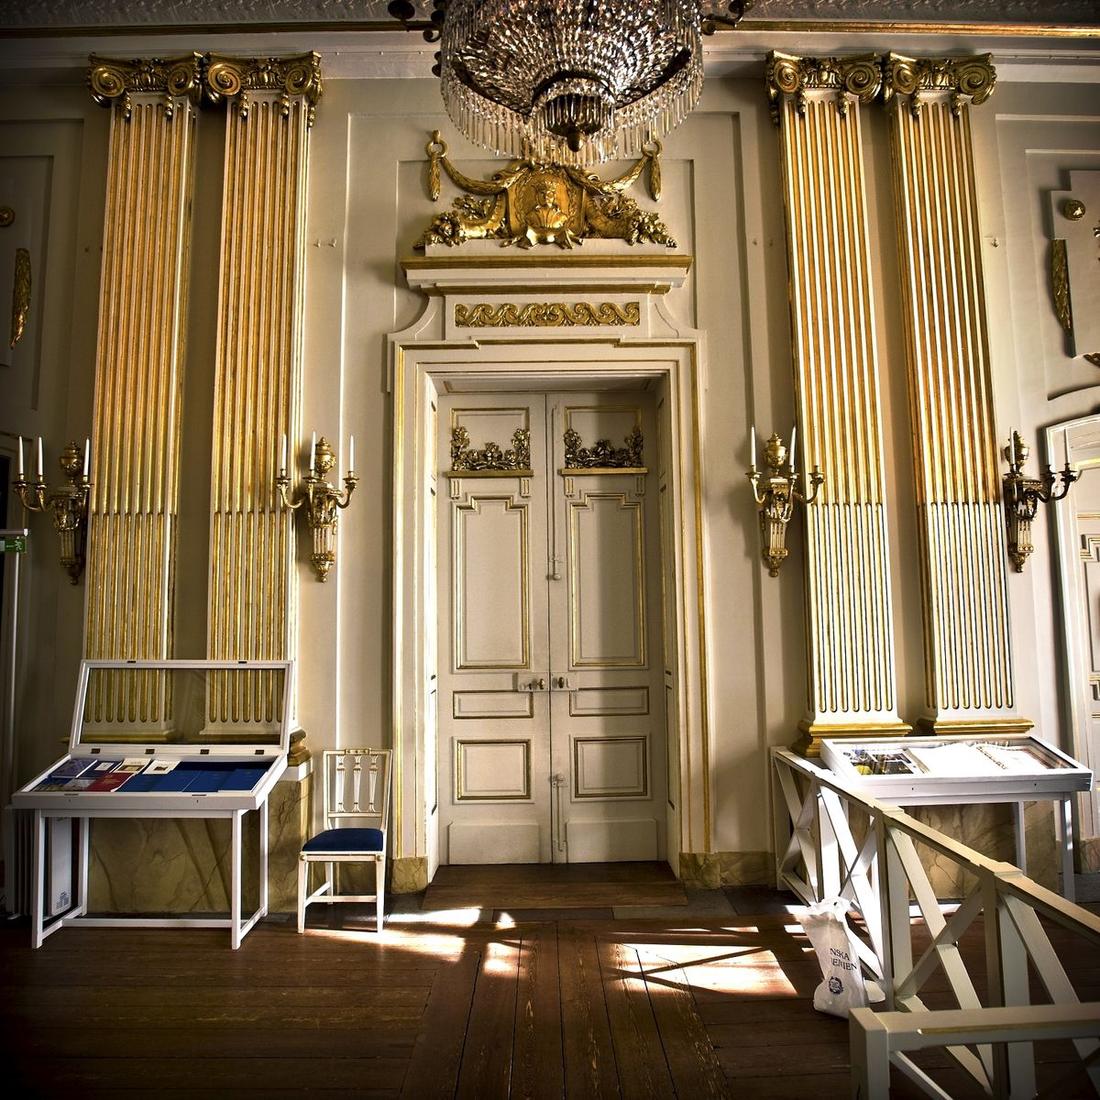 Dörrarna till Svenska akademien. Dörren som öppnas av ständige sekreteraren för att offentliggöra nobelpriset i litteratur.